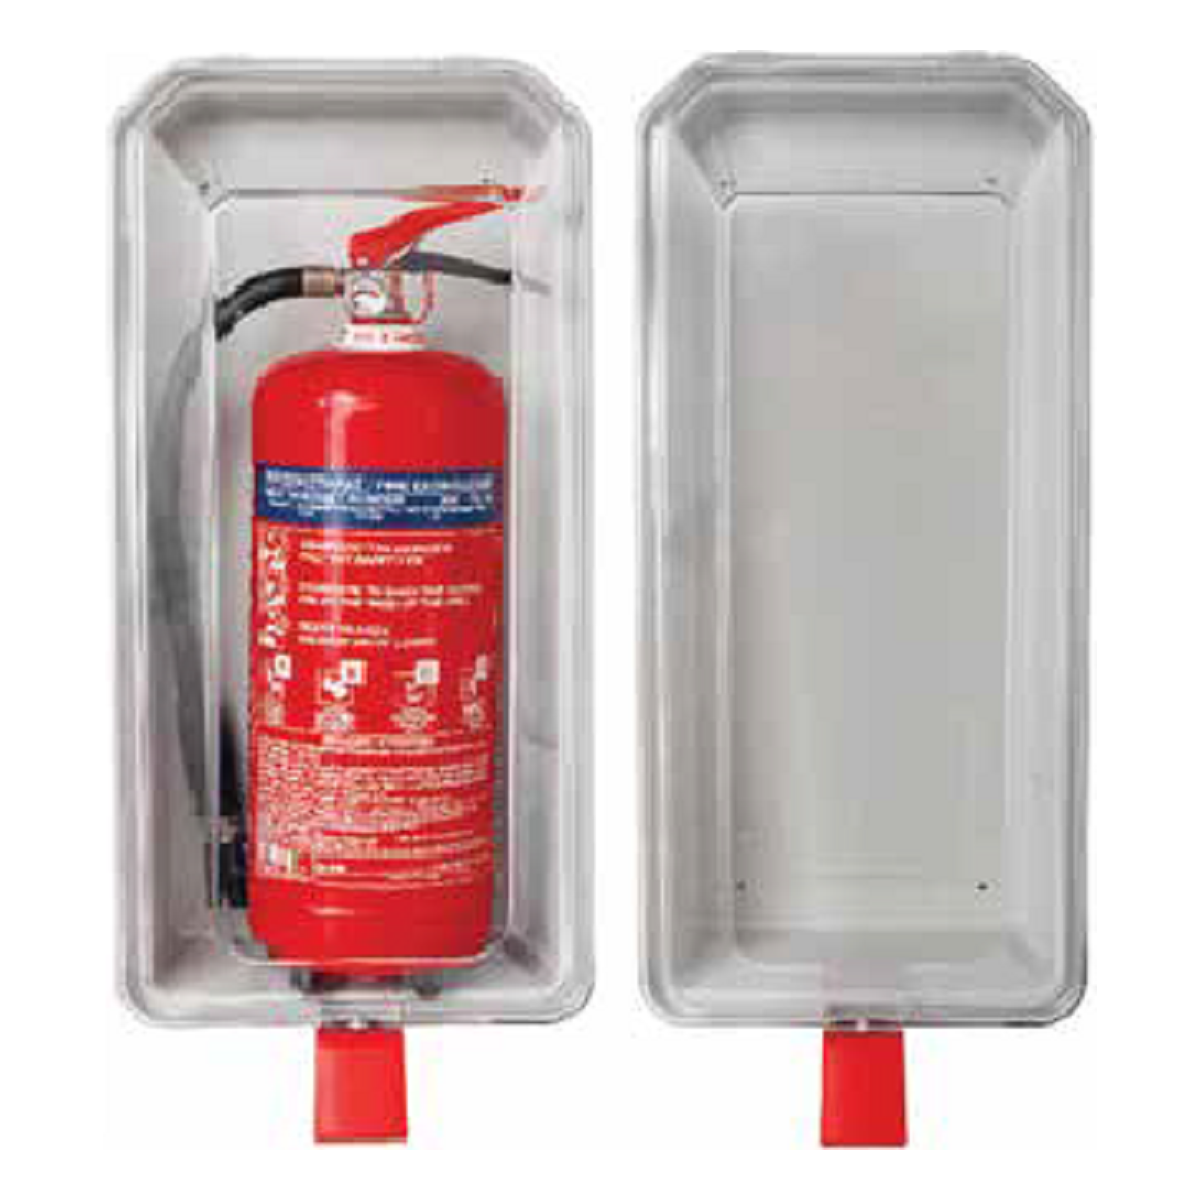 Θήκη πυροσβεστηρα 9kg/12kg ή 9lt διάφανη πλαστική